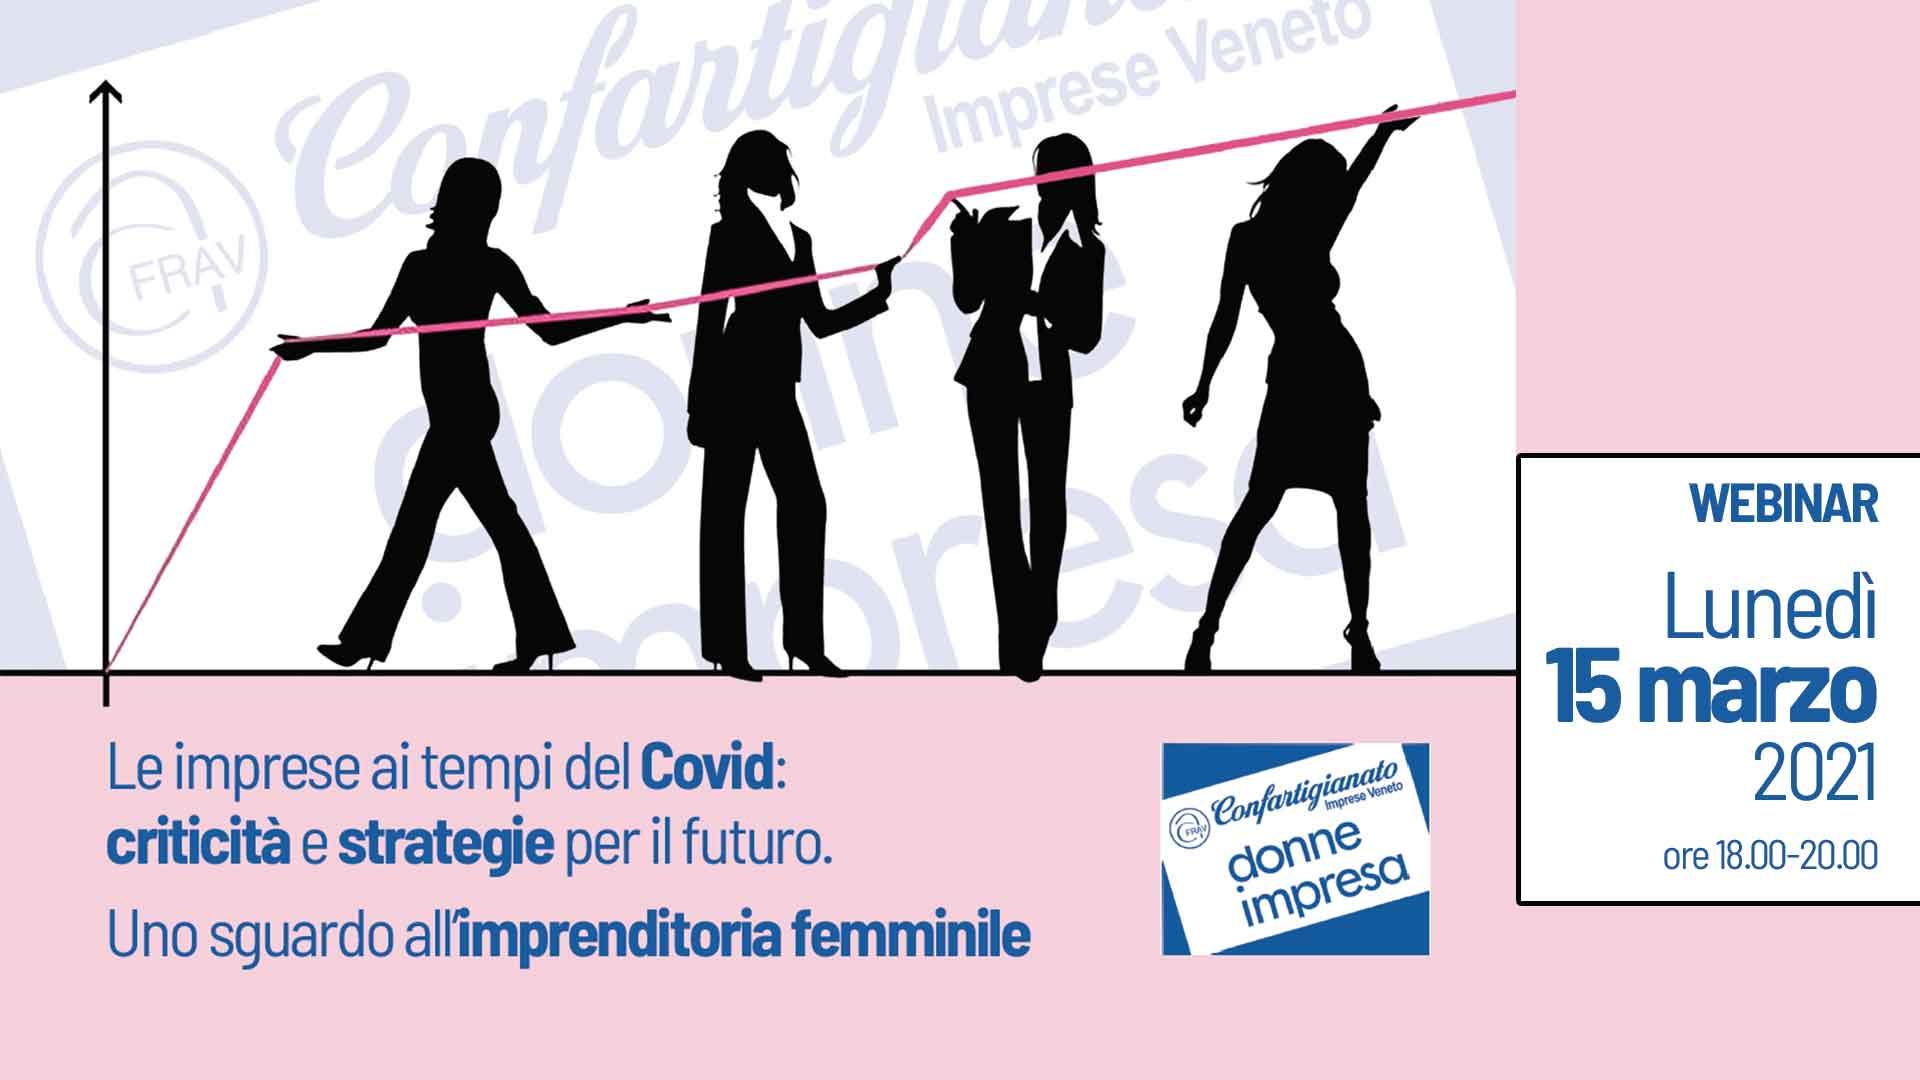 DONNE – Seminario Donne Impresa, 15 marzo: Criticità e strategie per il futuro. Uno sguardo all'imprenditoria femminile. Iscriviti subito